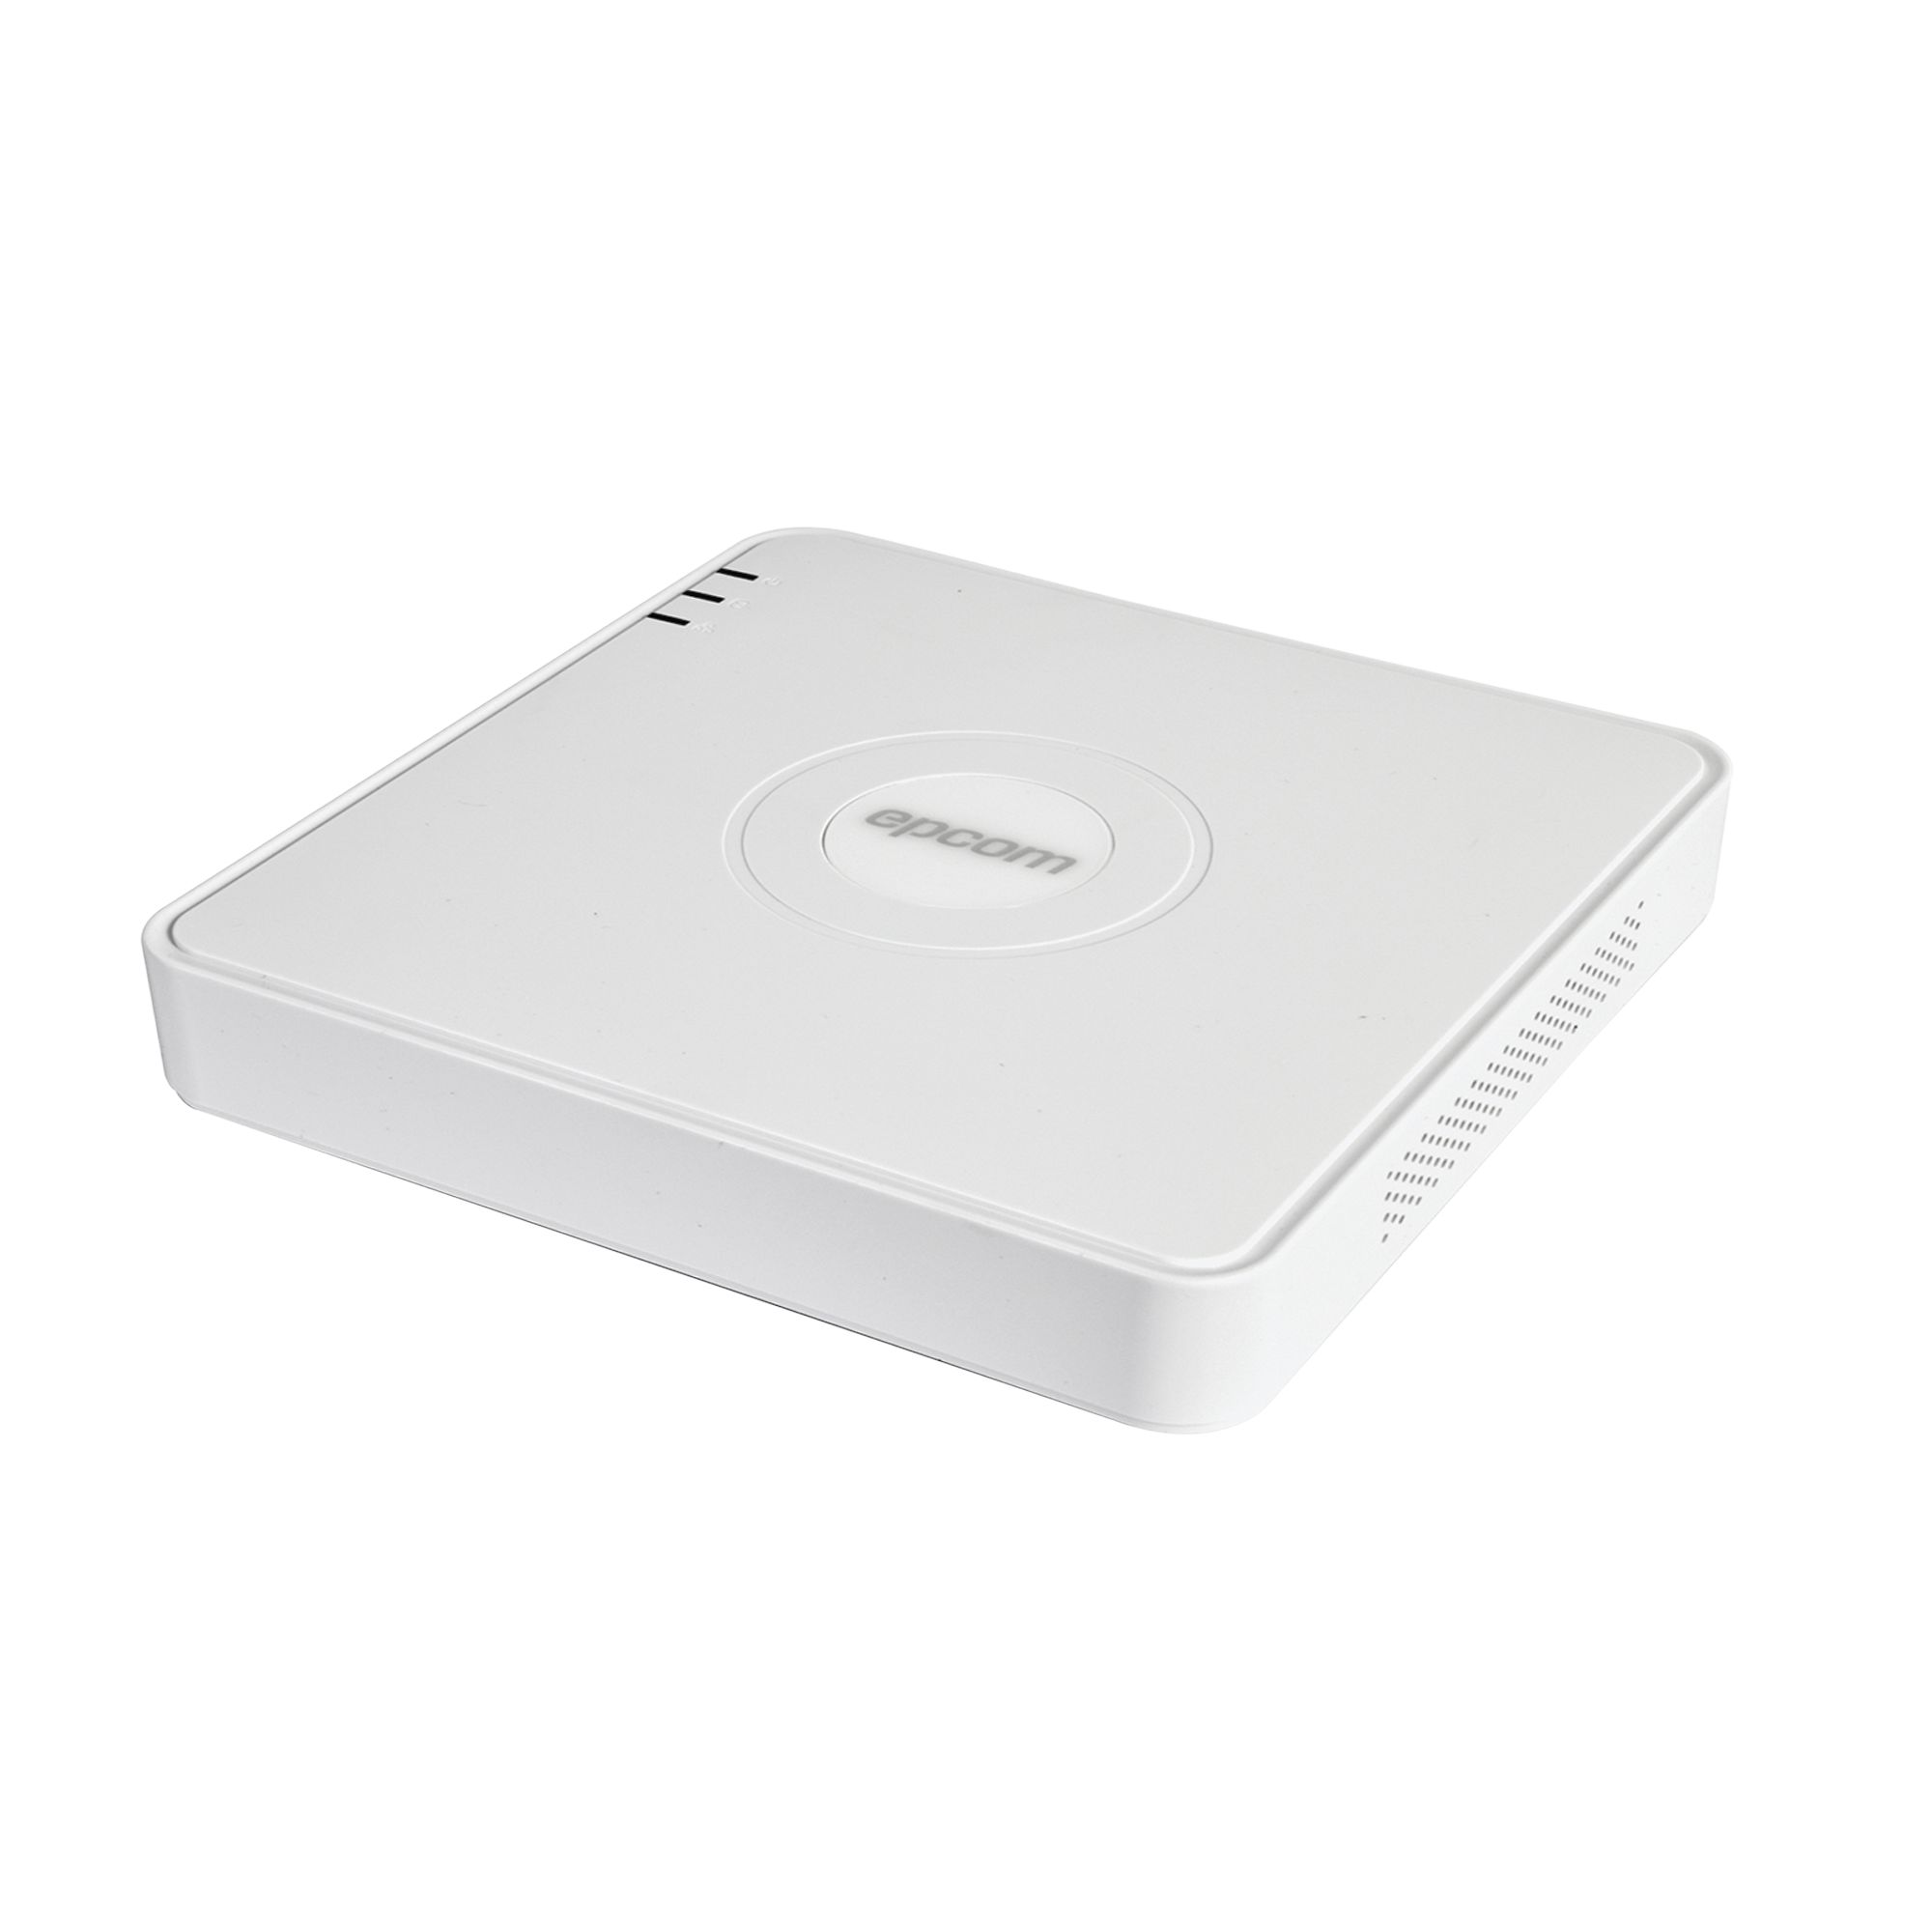 (AUDIO POR COAXITRON) DVR 1080p Lite / 16 Canales TURBOHD + 2 canales IP / 1 Bahía de Disco Duro / 16 Canales de Audio por Coaxitron  / Salida de vídeo Full HD